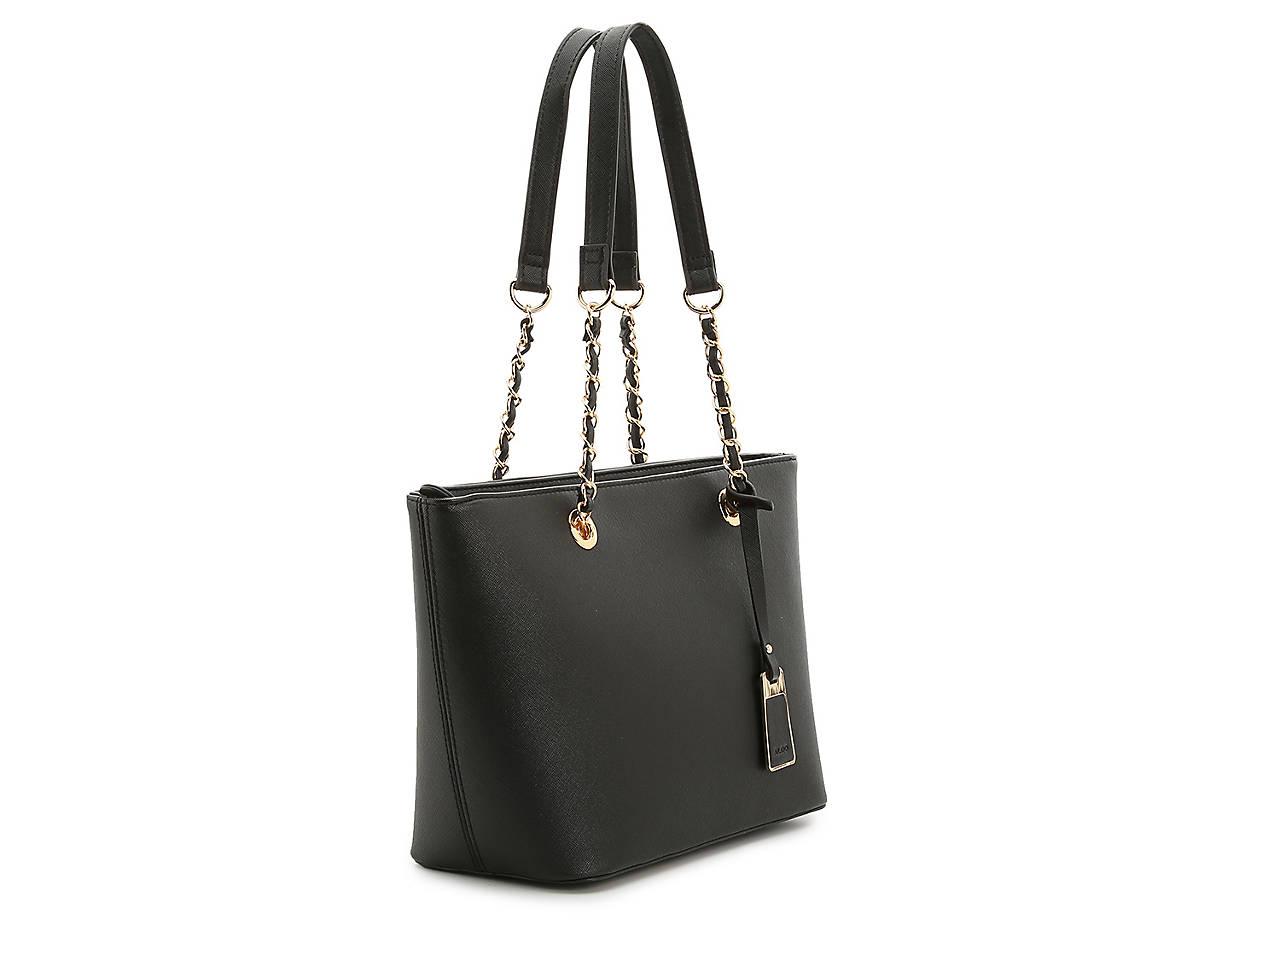 0daa82a6cb9 Aldo Jambu Shoulder Bag Women s Handbags   Accessories